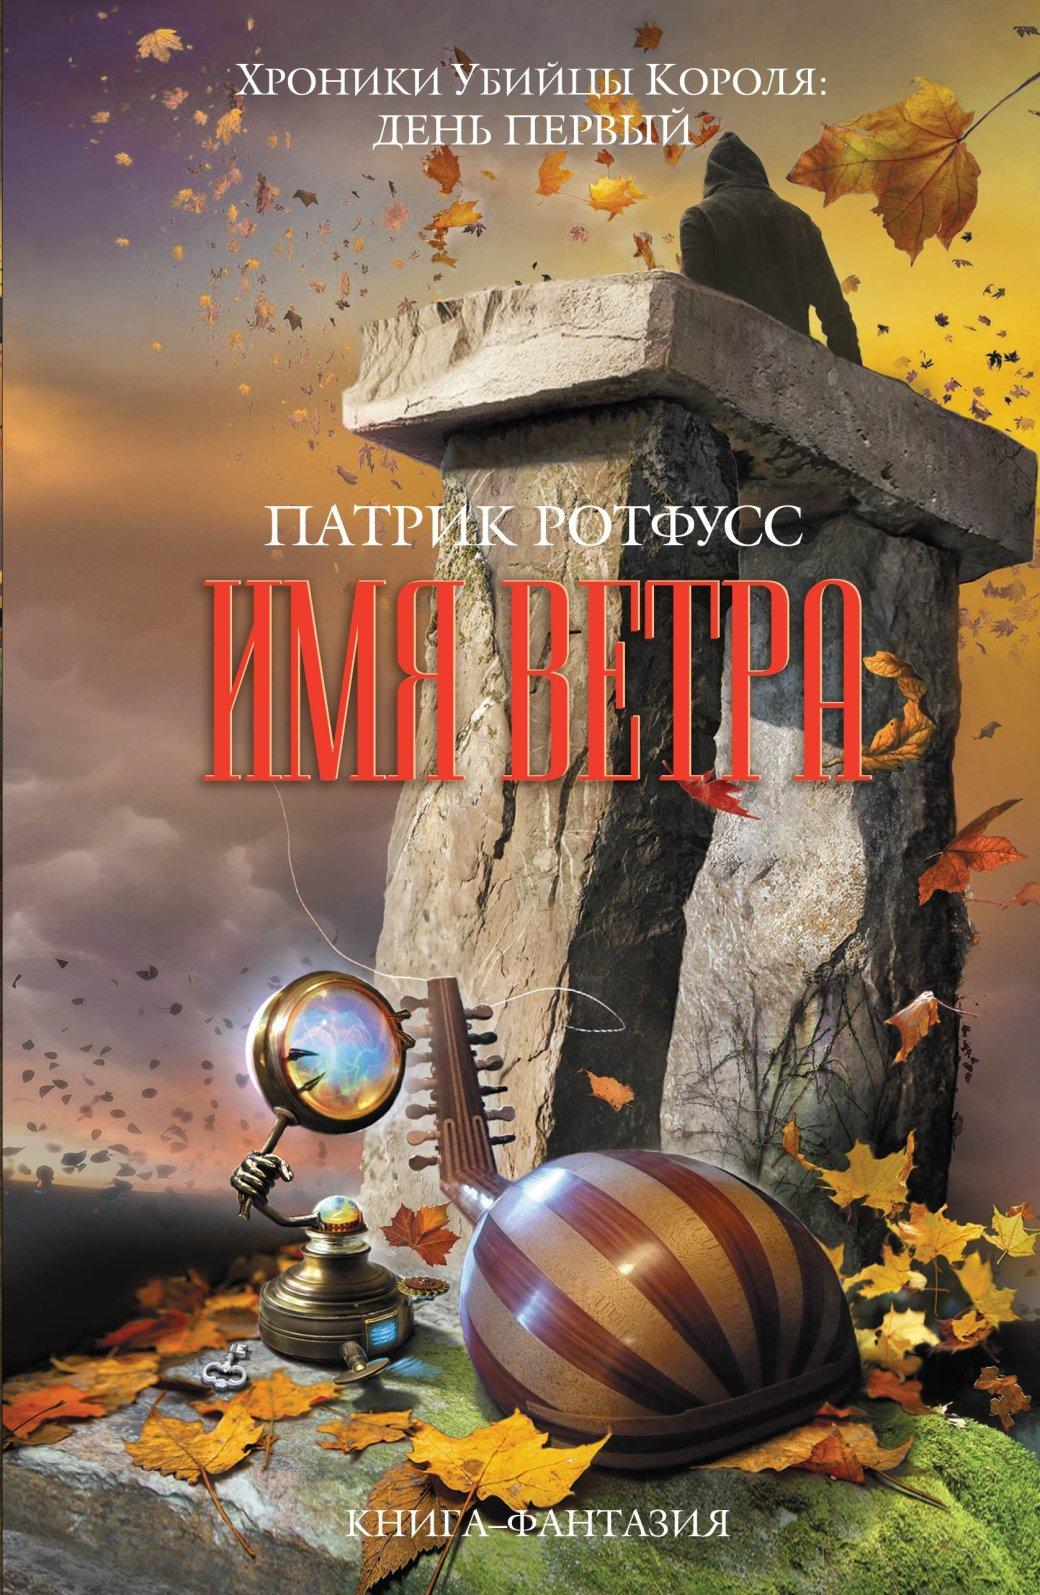 25 главных книг 2010-2019 | Канобу - Изображение 5701